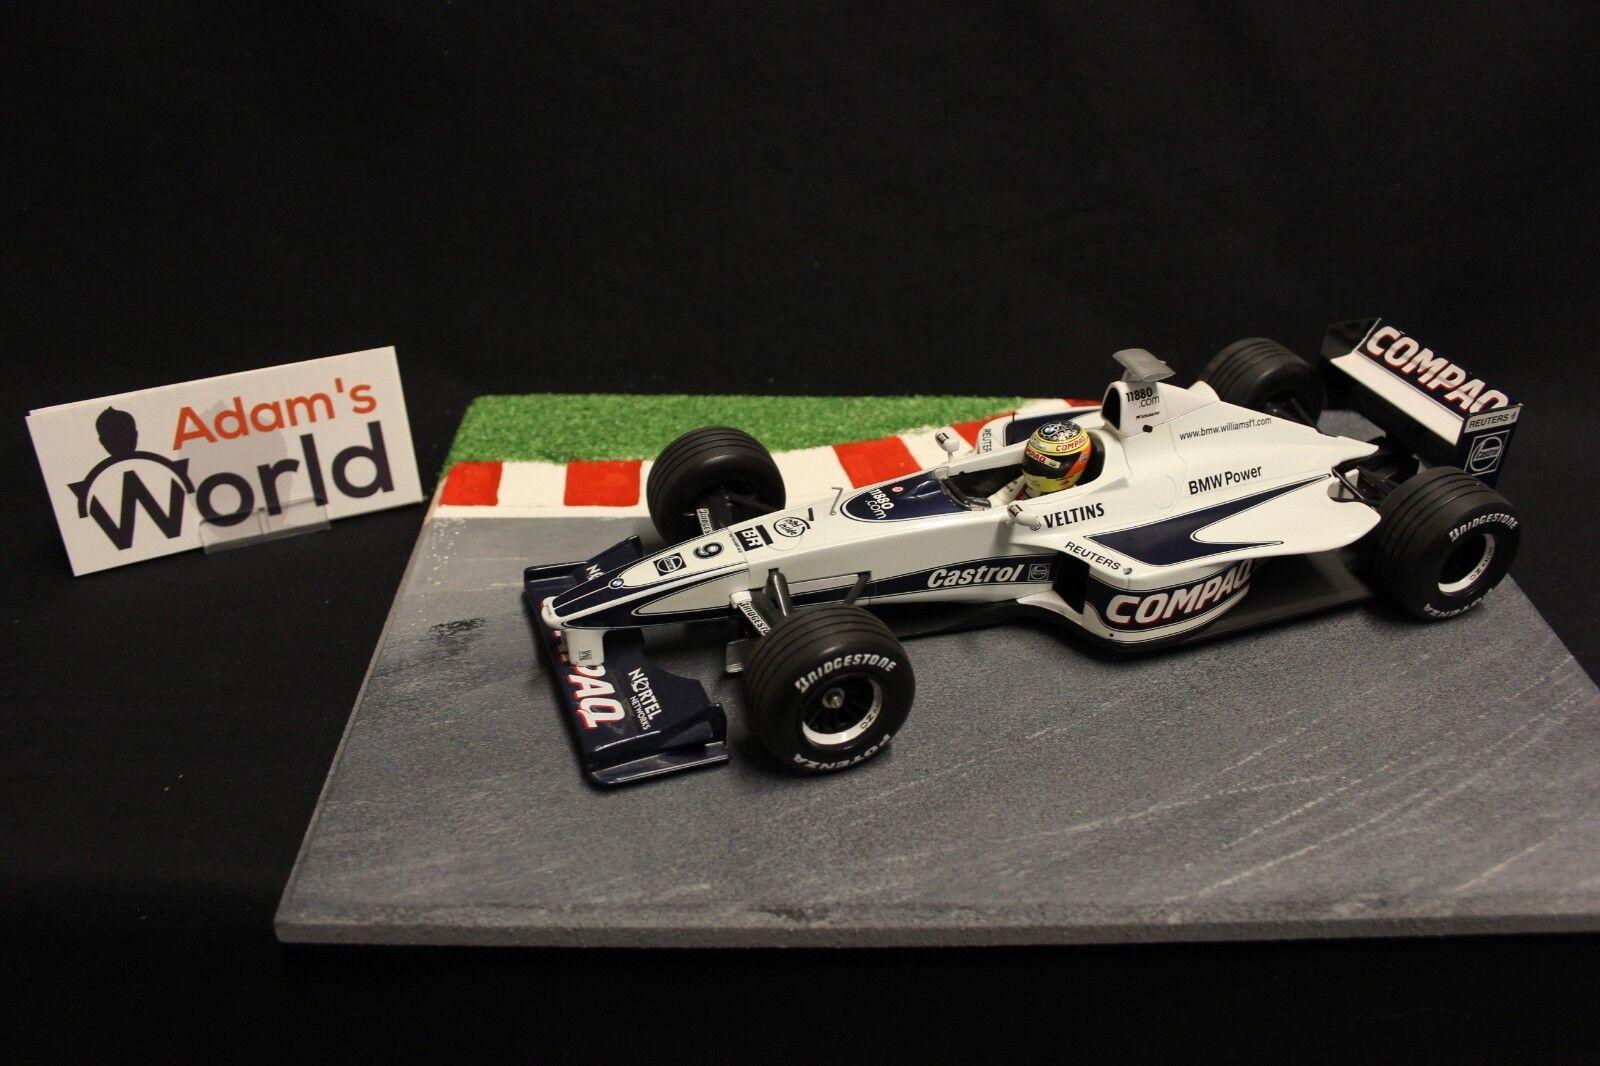 Minichamps Williams BMW show car 1 18  9 Ralf Schumacher (GER) (F1NB) 2